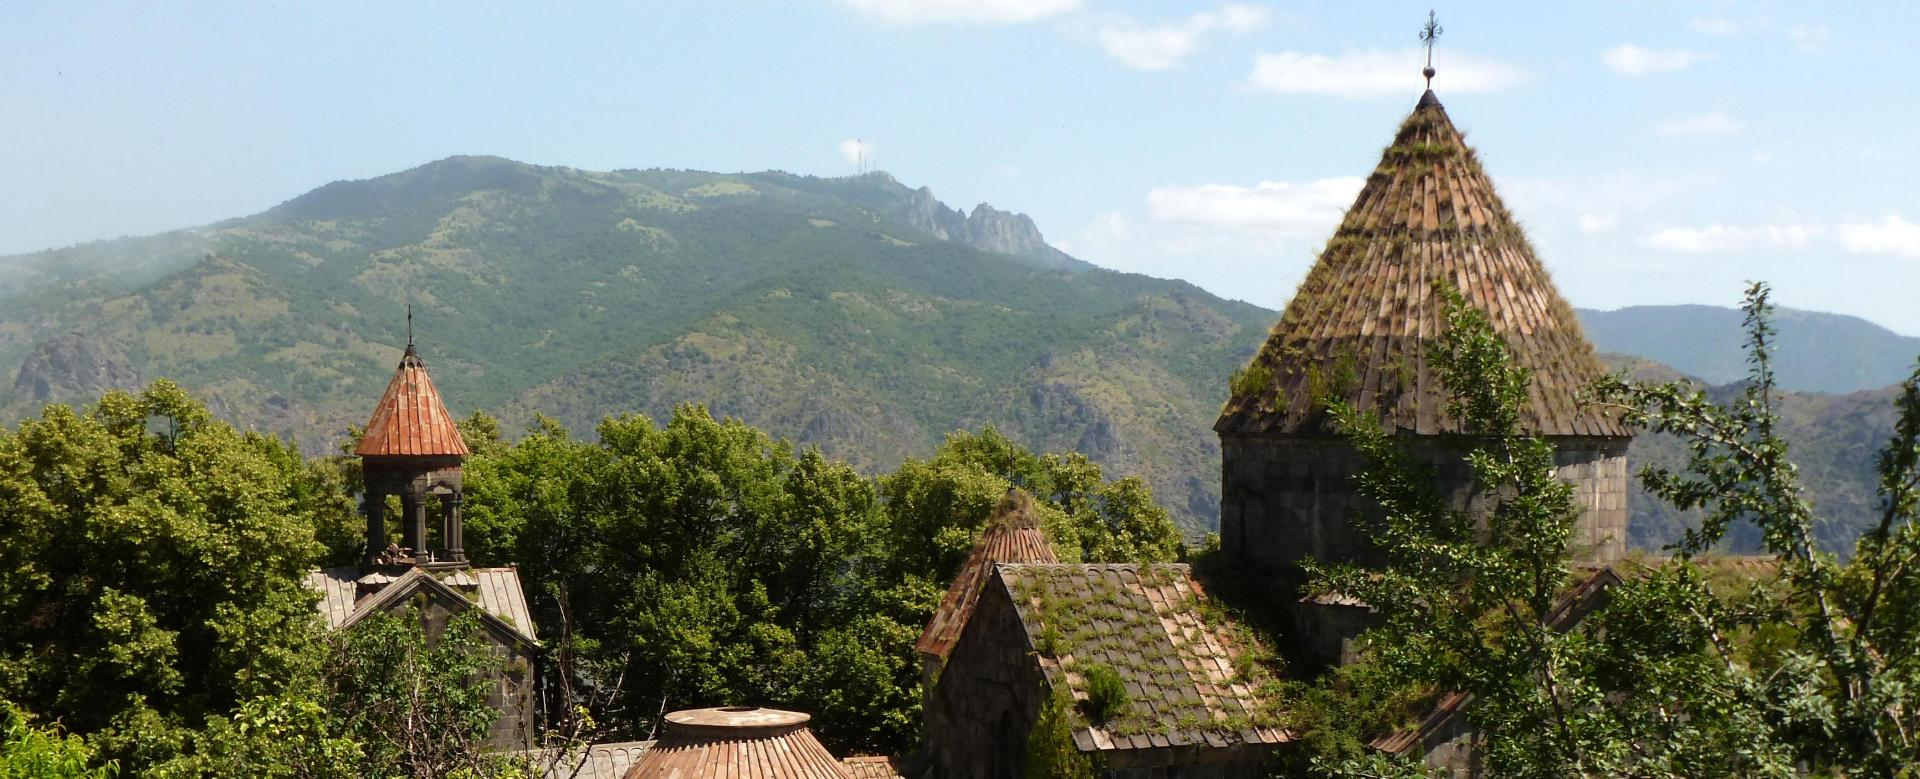 Trekking Arménie : L'arménie de couleurs en saveurs